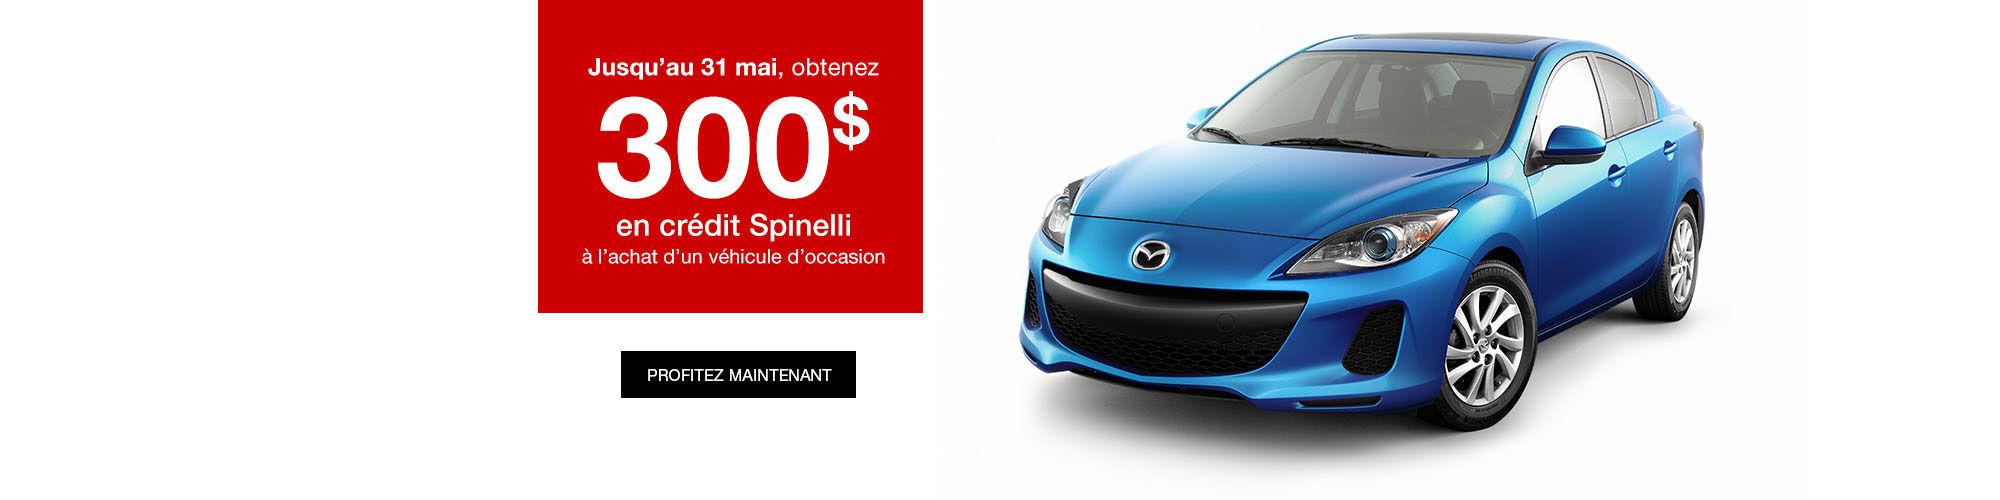 300$ en crédit Spinelli Mazda